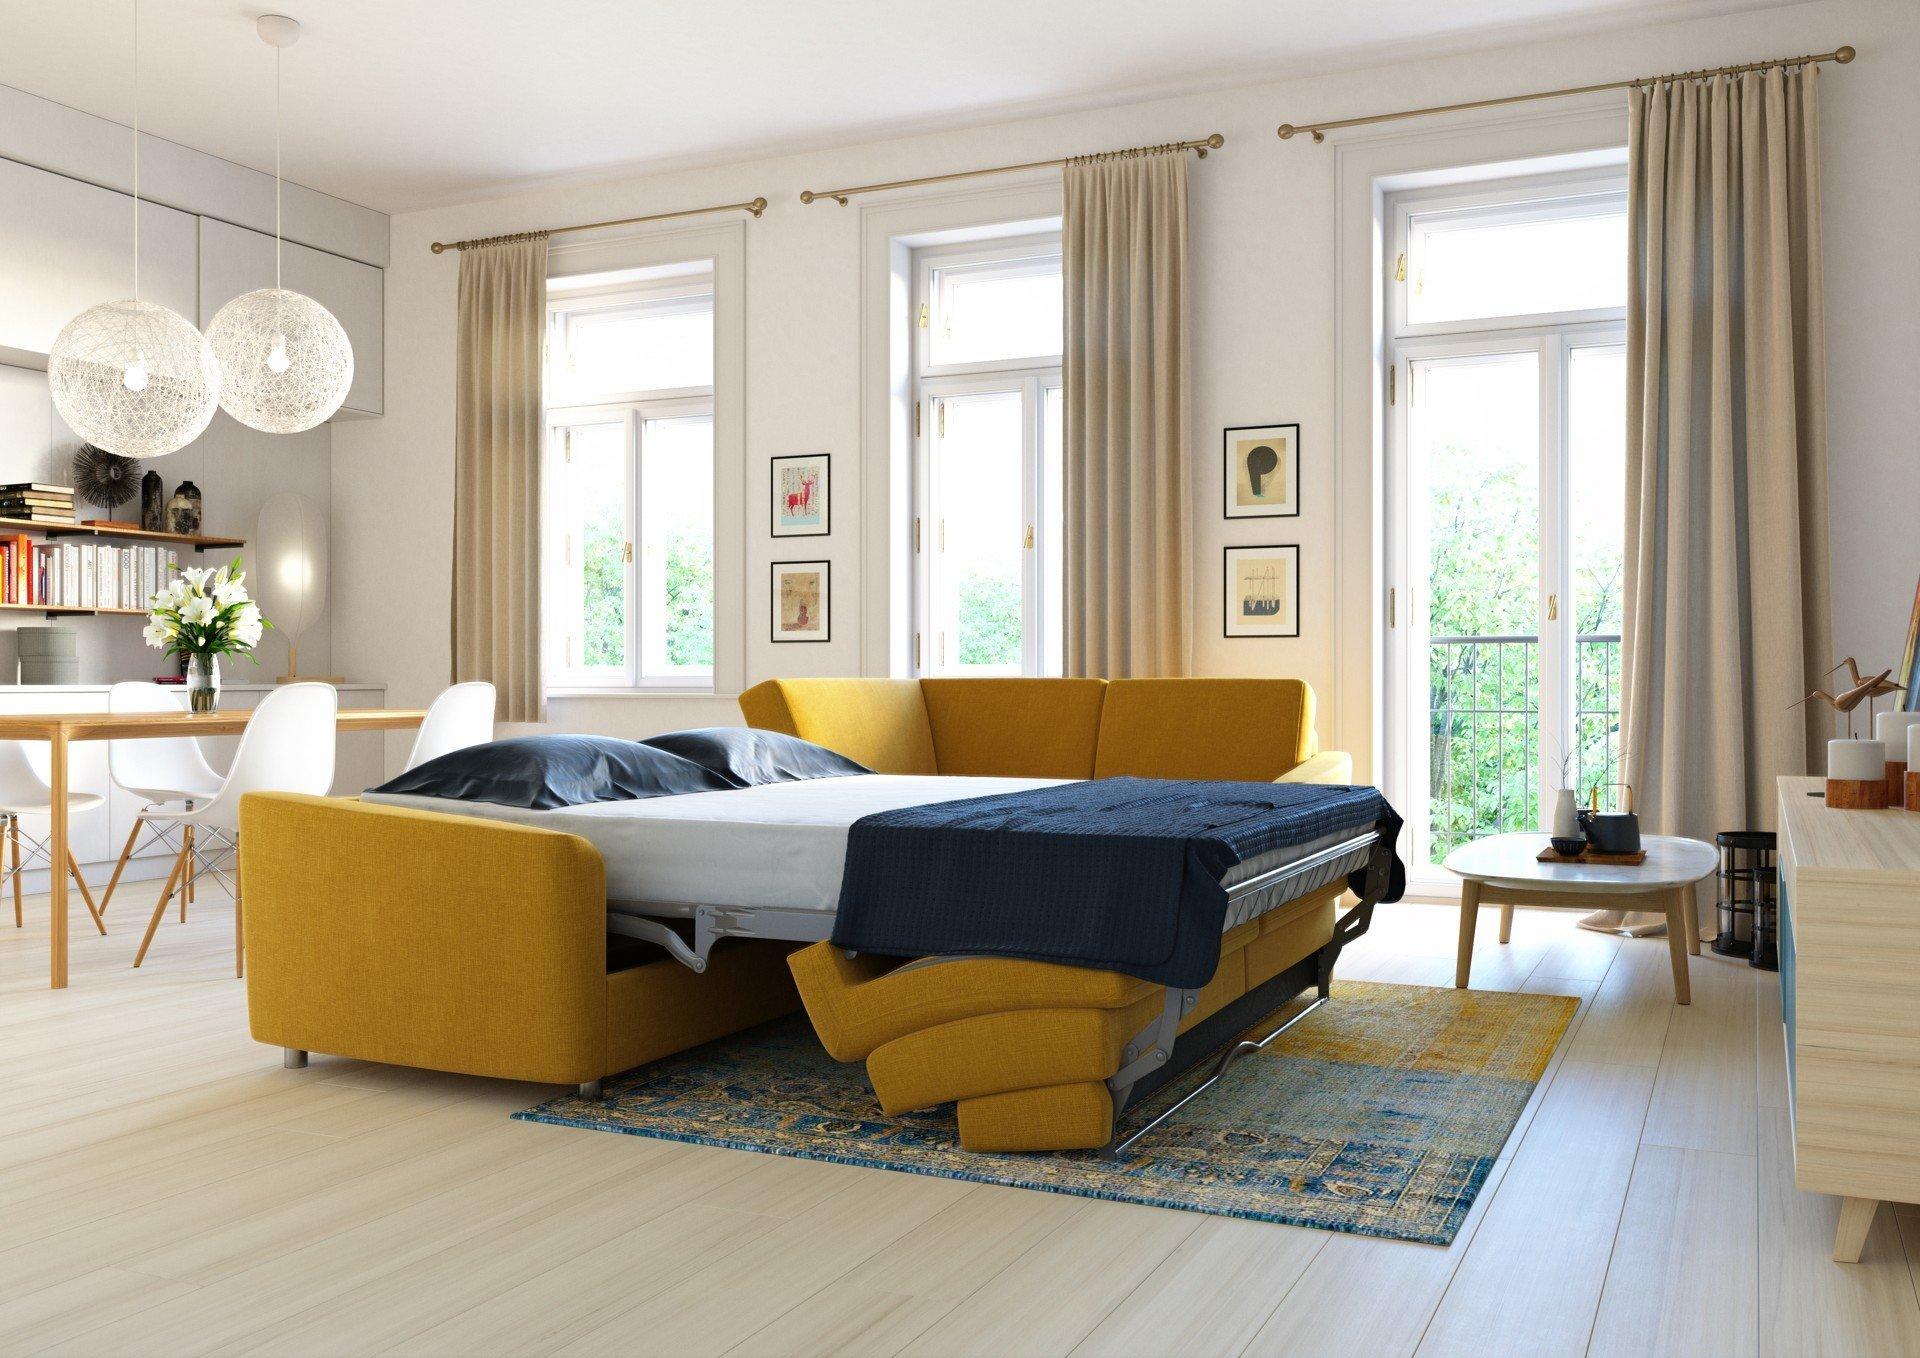 Sedací soupravy s kvalitních rozkládacím mechanismem a matrací jsou dobrým kompromisním řešením do malých bytů